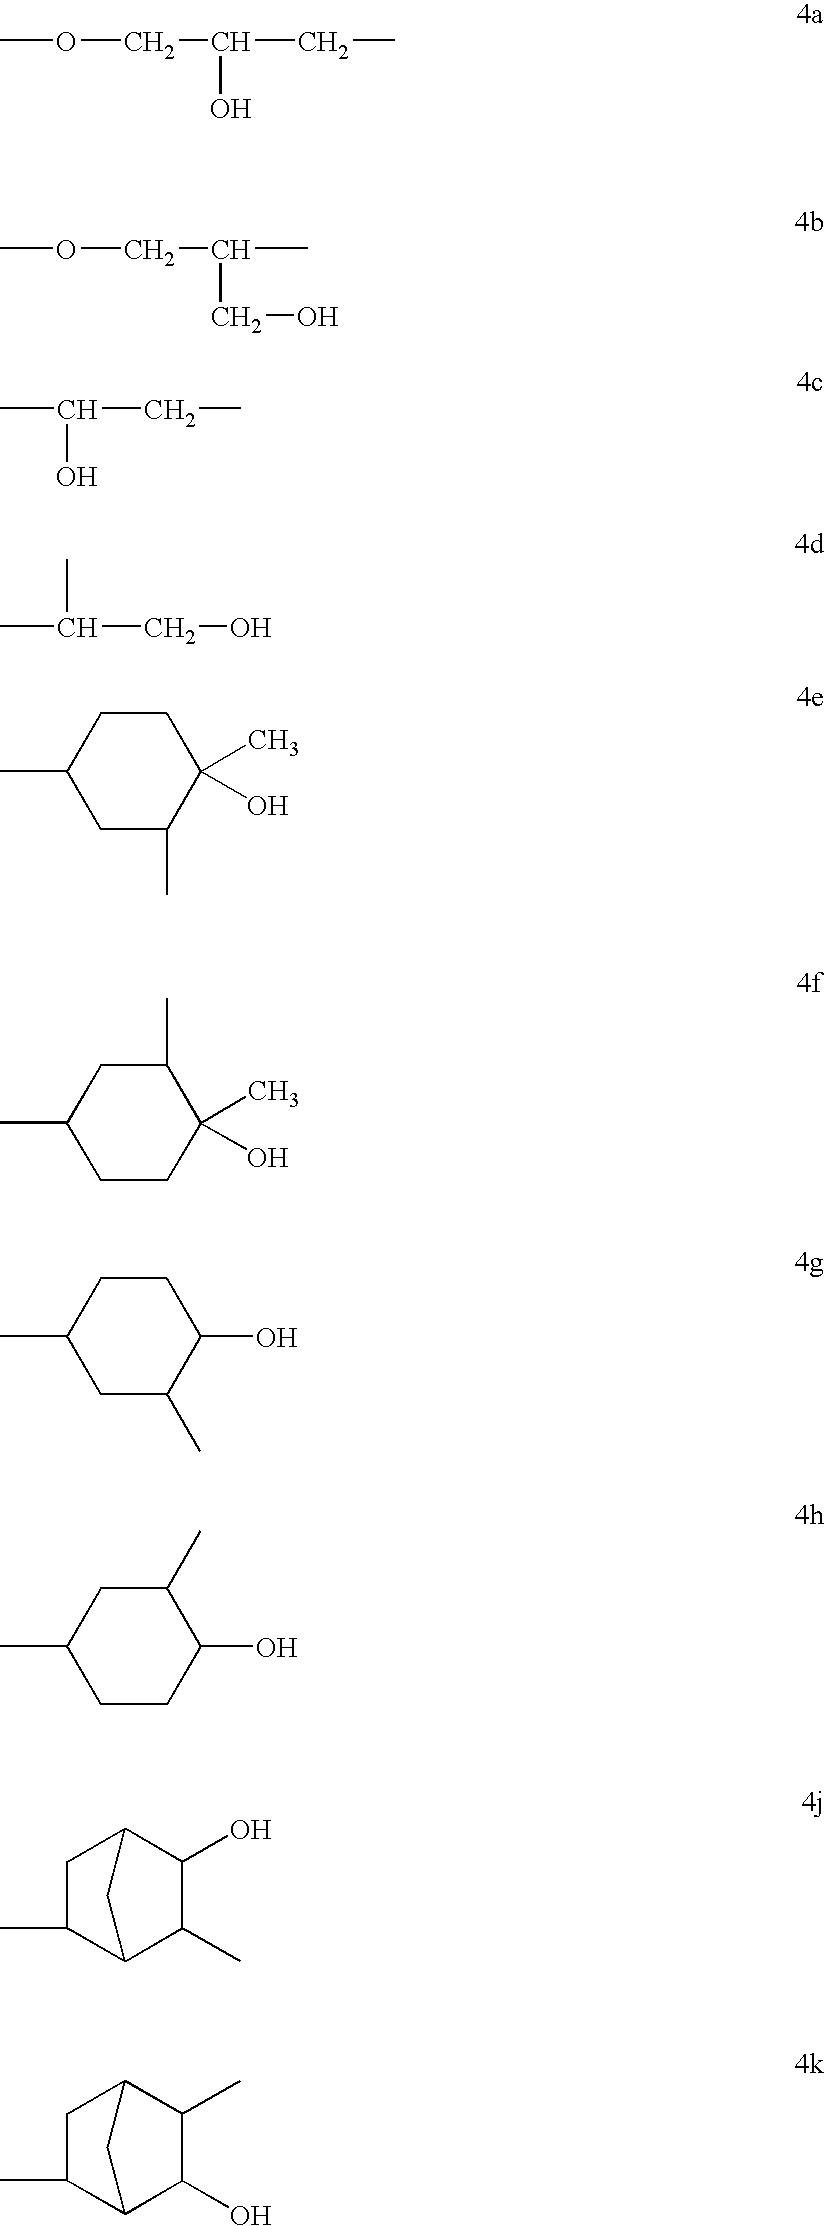 Figure US20070128143A1-20070607-C00011